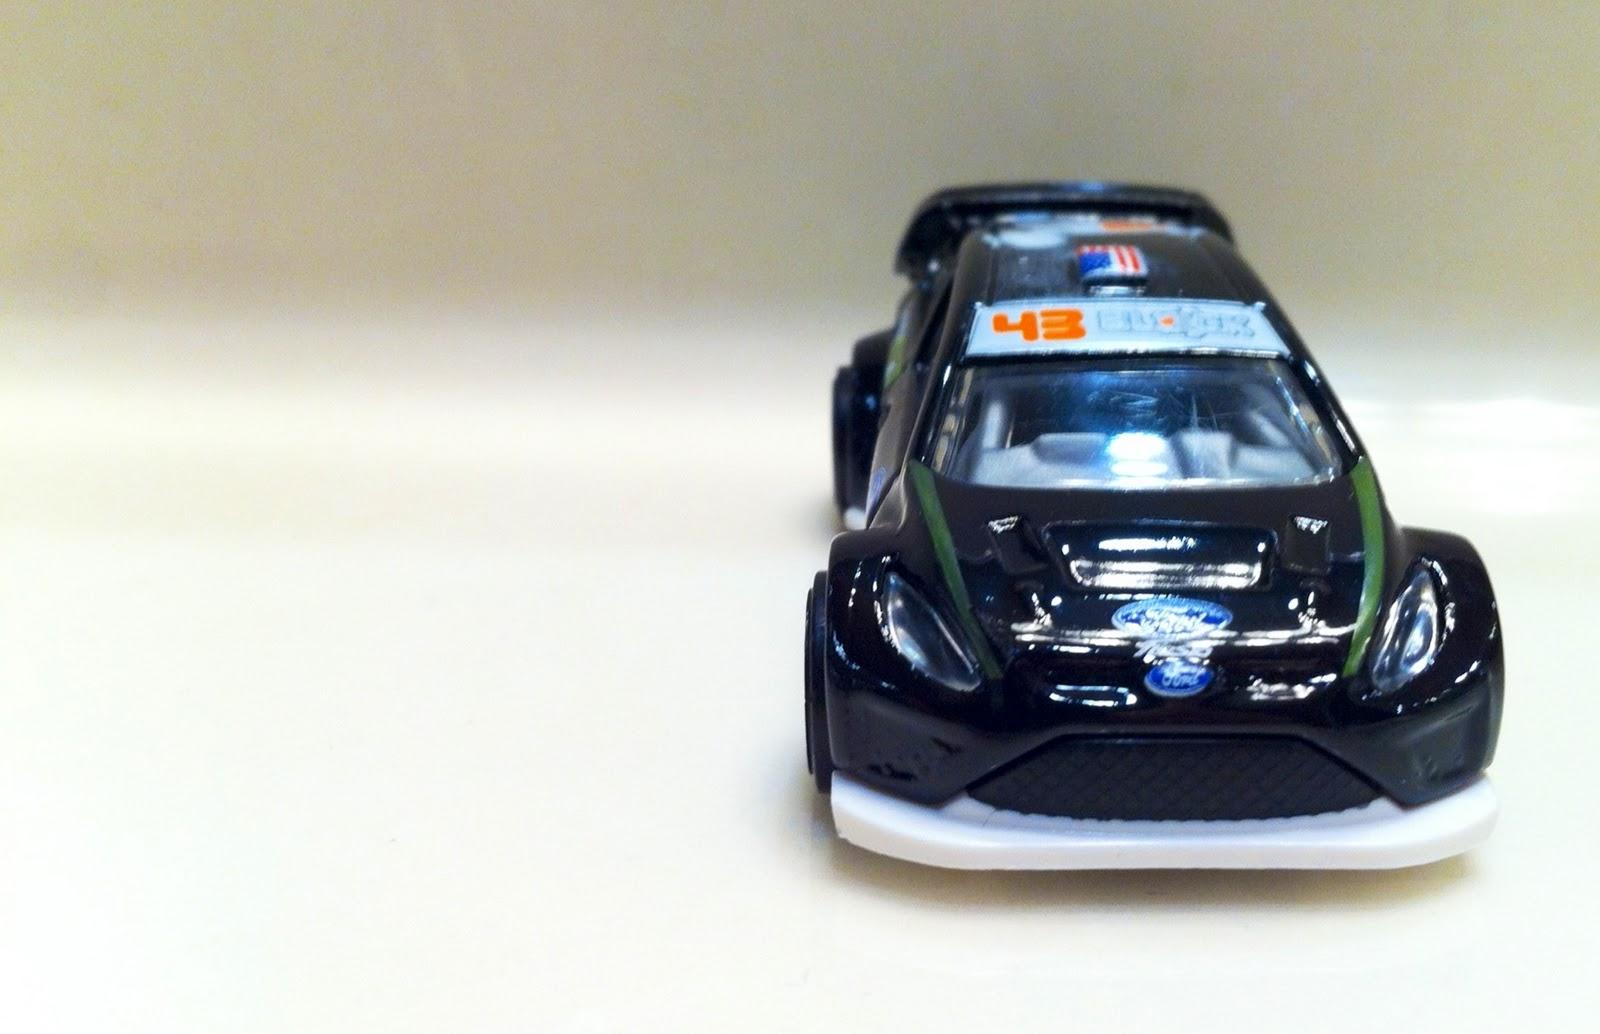 http://3.bp.blogspot.com/-o3bjj4YYBcE/TtMO3C9e5YI/AAAAAAAACOw/rBT4v3Bfg38/s1600/Ken+Block%2527s+Ford+Fiesta+2.JPG